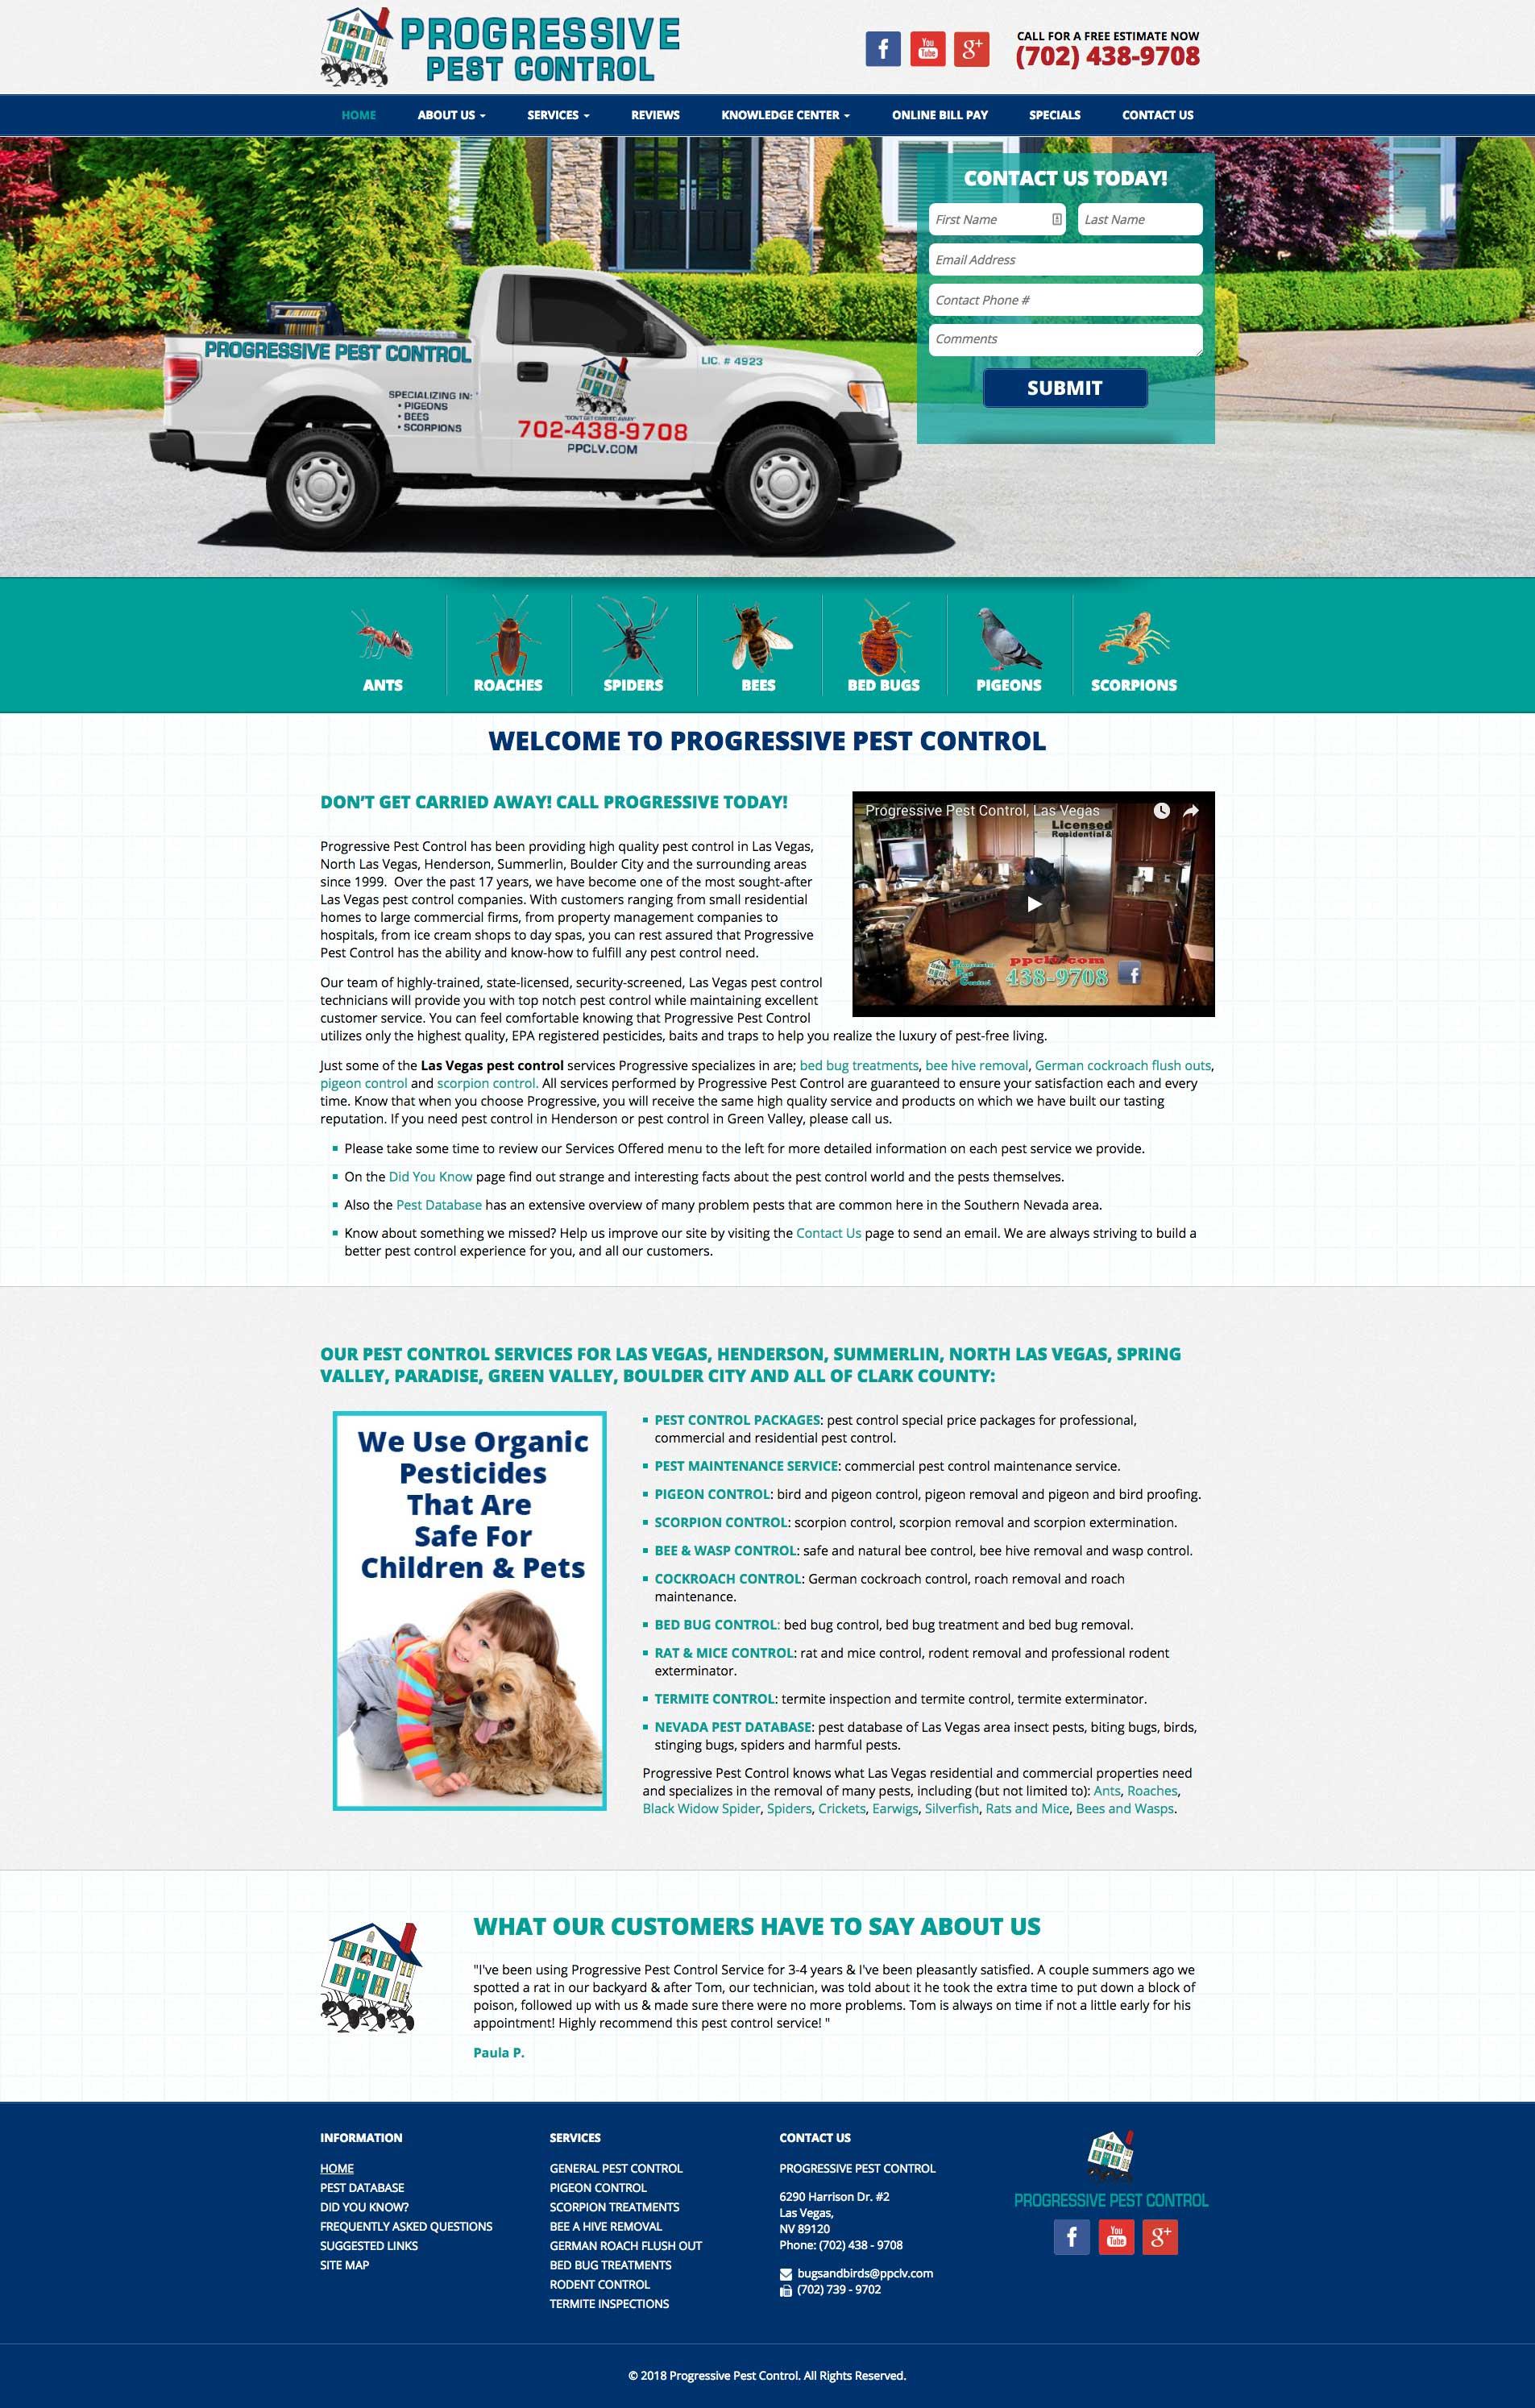 Design Portfolio The Search Source